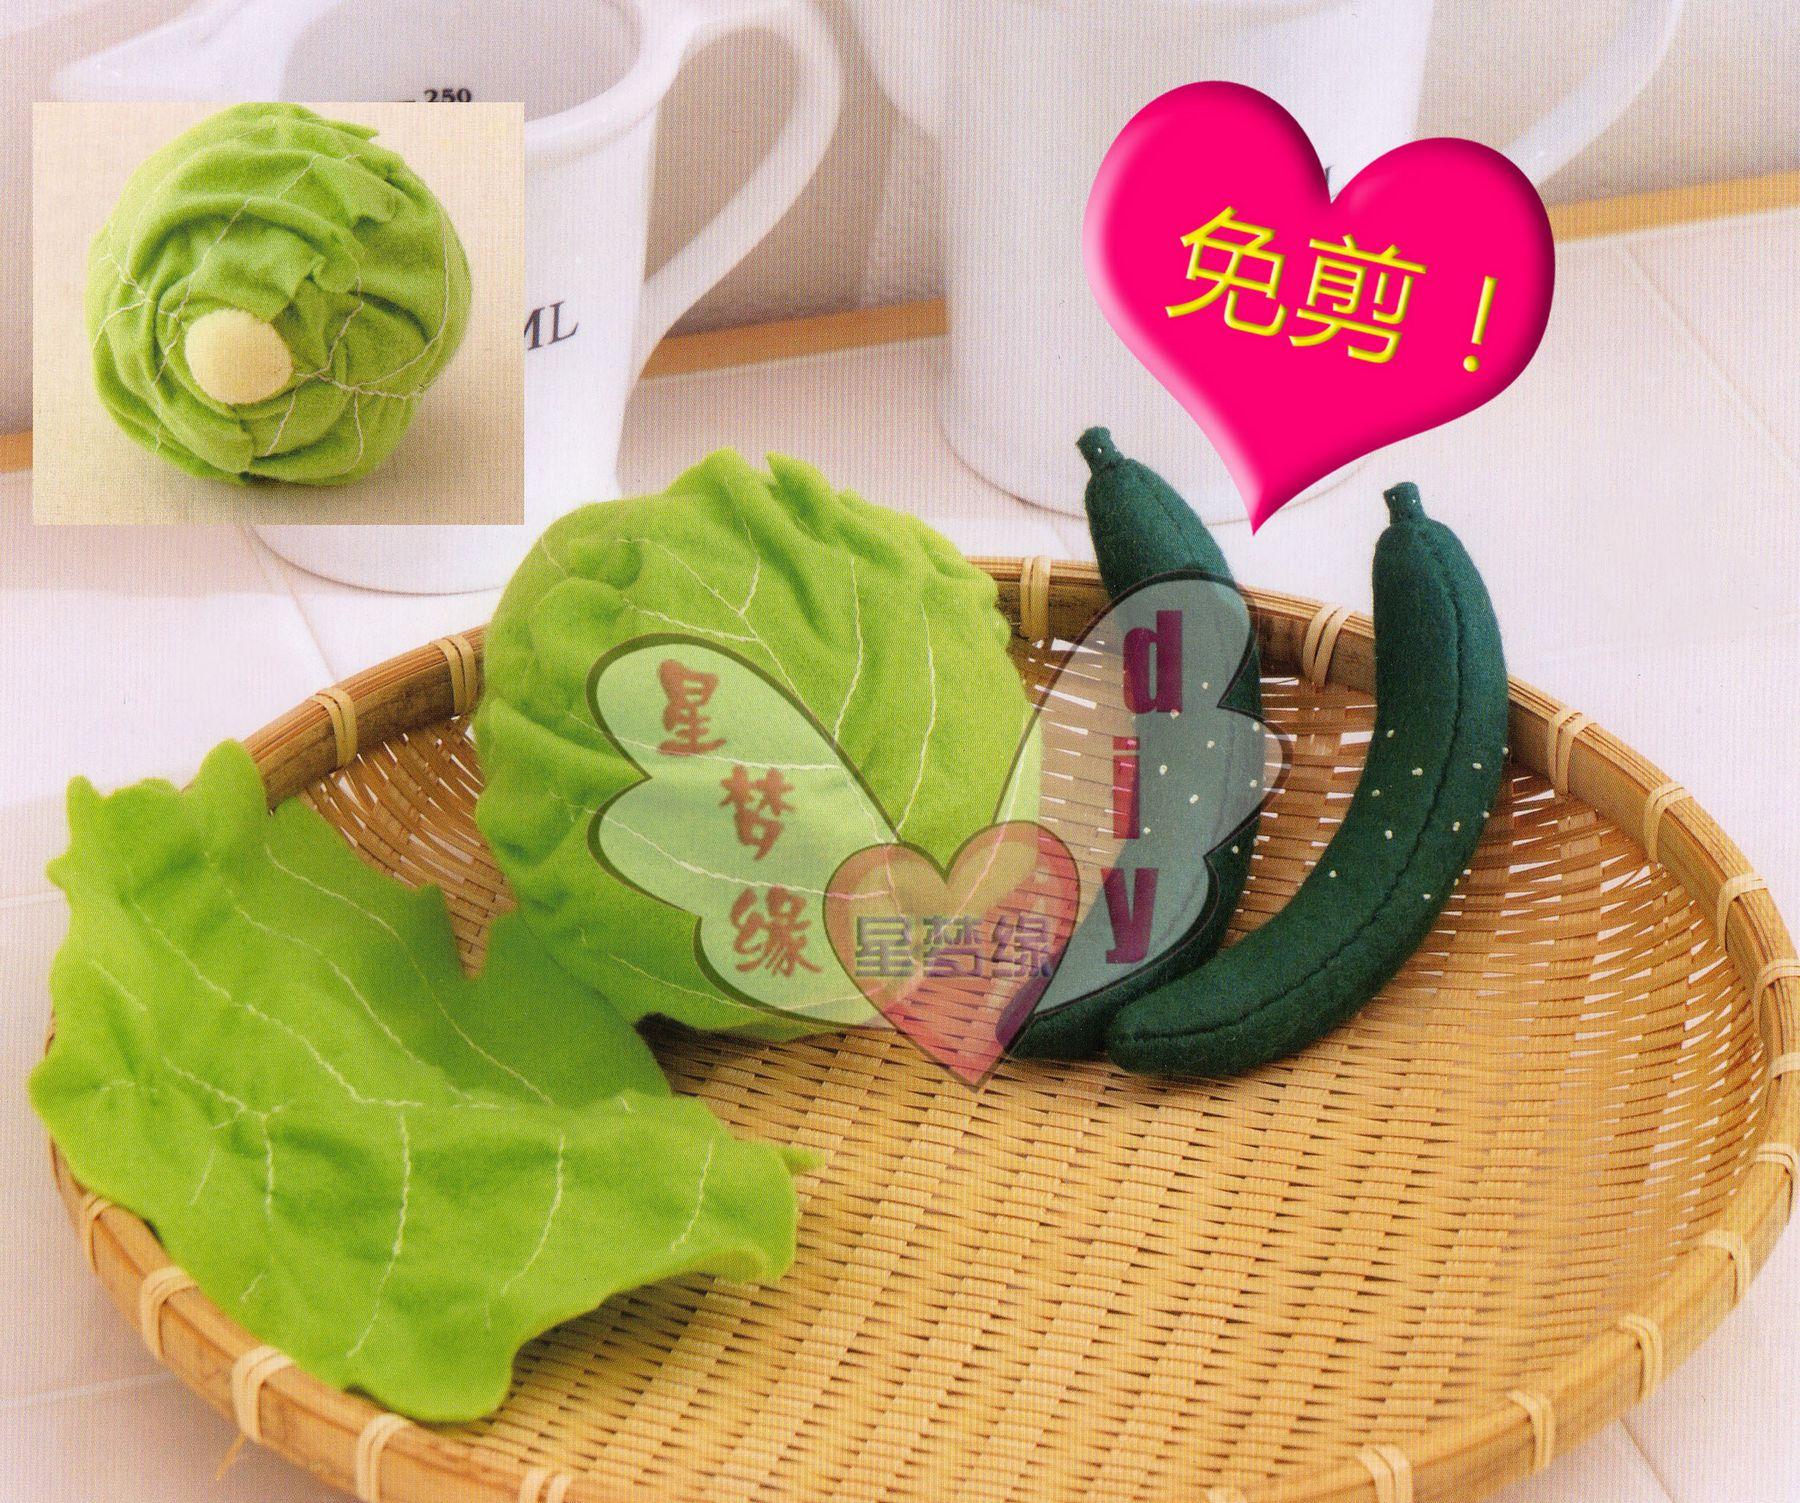 免裁剪不织布蔬菜水果 仿真食物材料包diy作业 手工布艺/生菜黄瓜